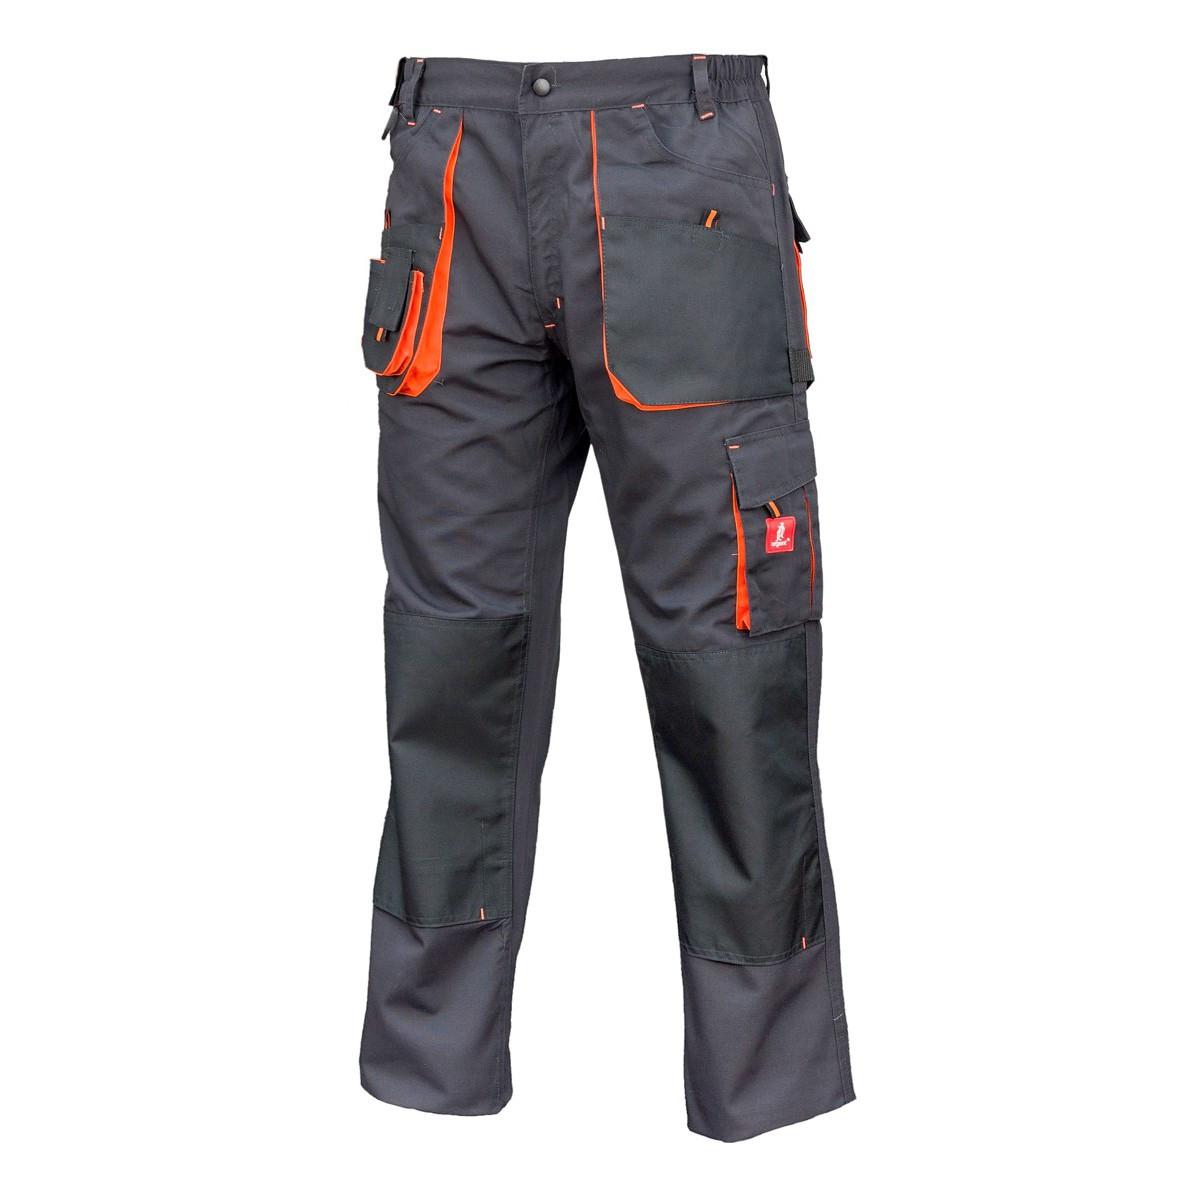 Брюки рабочие URG-A spodnie do pasa 260G из полиэстера и хлопка  Urgent (POLAND)